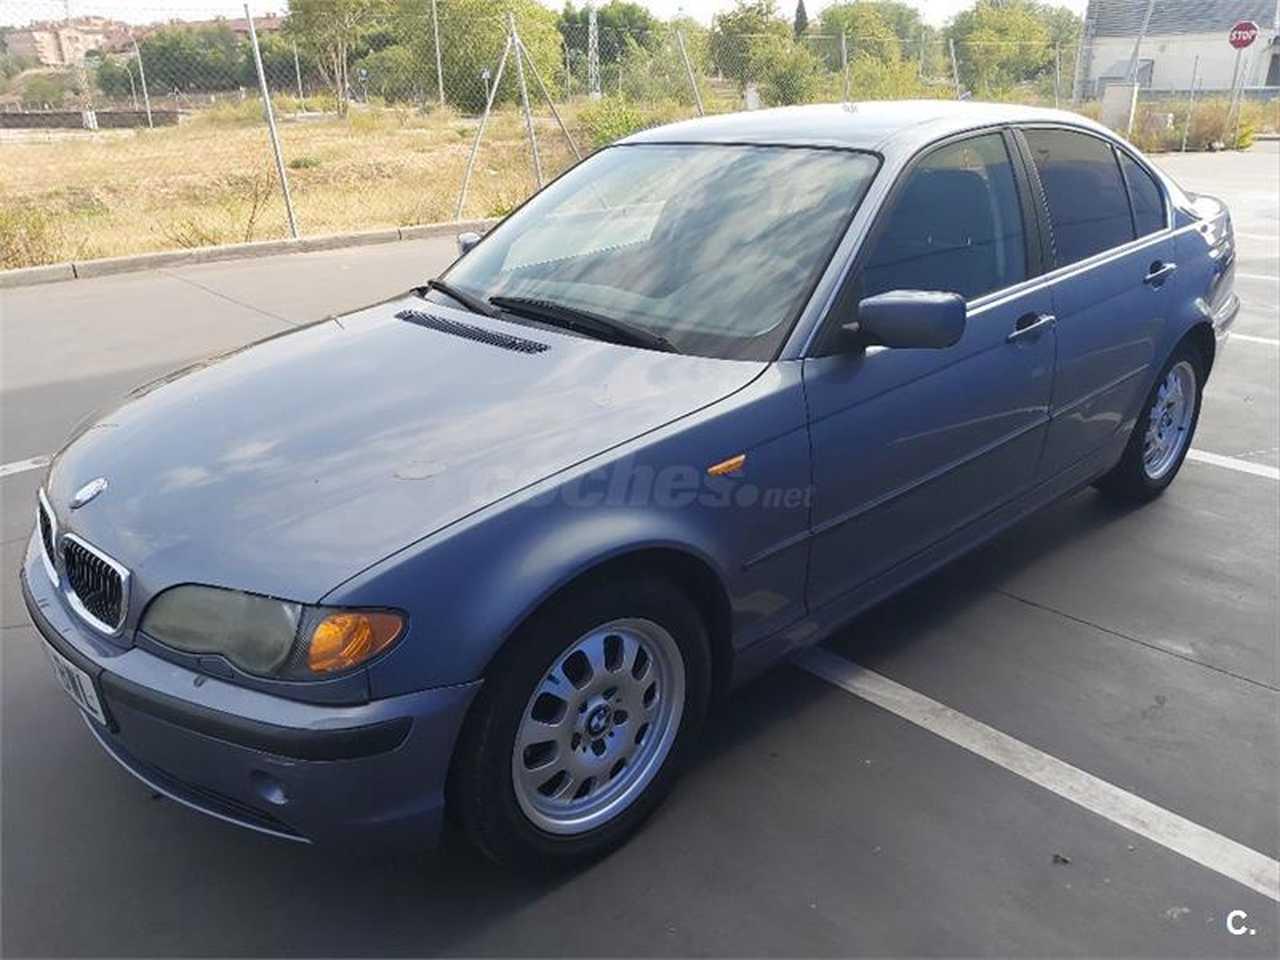 BMW Serie 3 320i 4p automático 170cv   - Foto 1